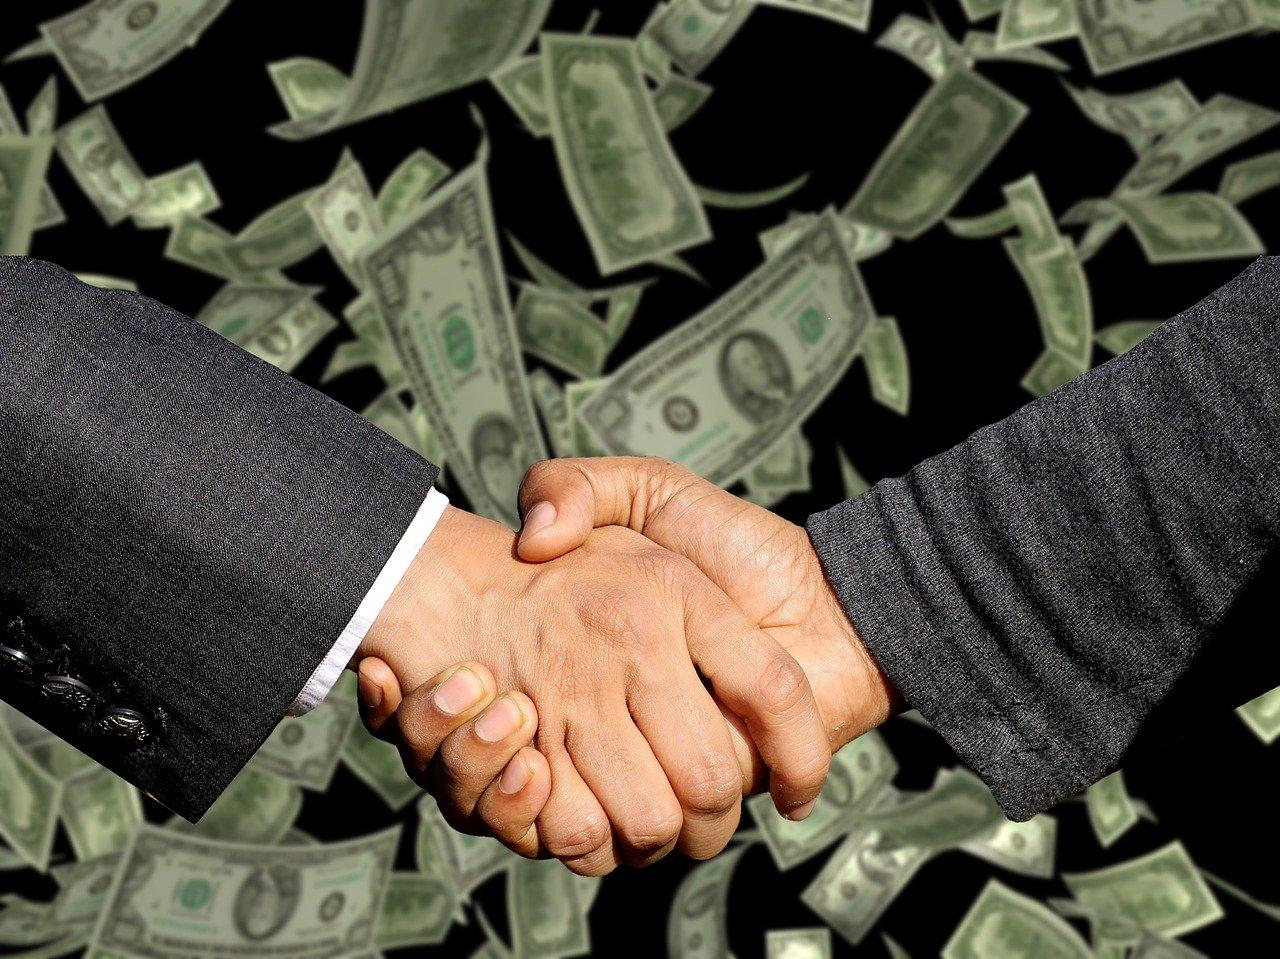 Målet med salg er selvfølgelig alltid et håndtrykk og fullført salg.